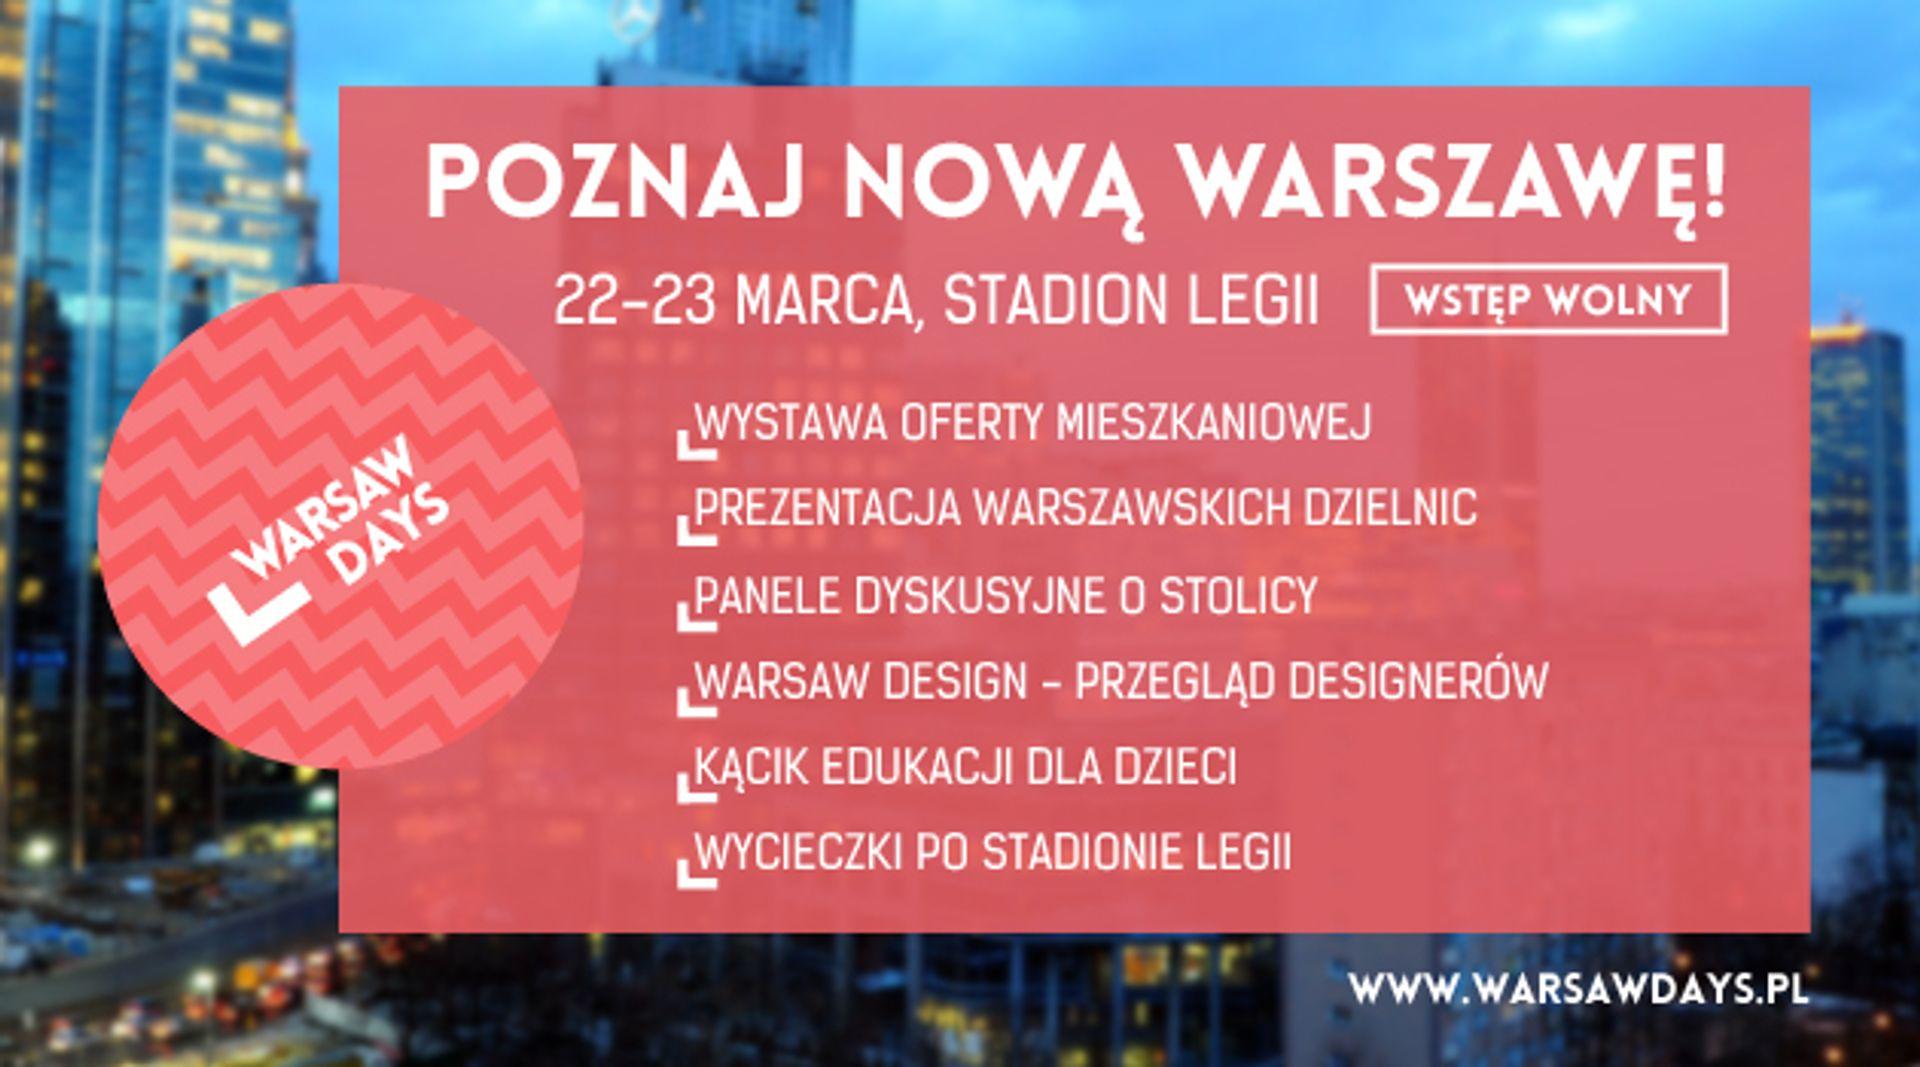 [Warszawa] Eko-Park Na Warsaw Days – specjalna promocja Apartamentów Grazioso